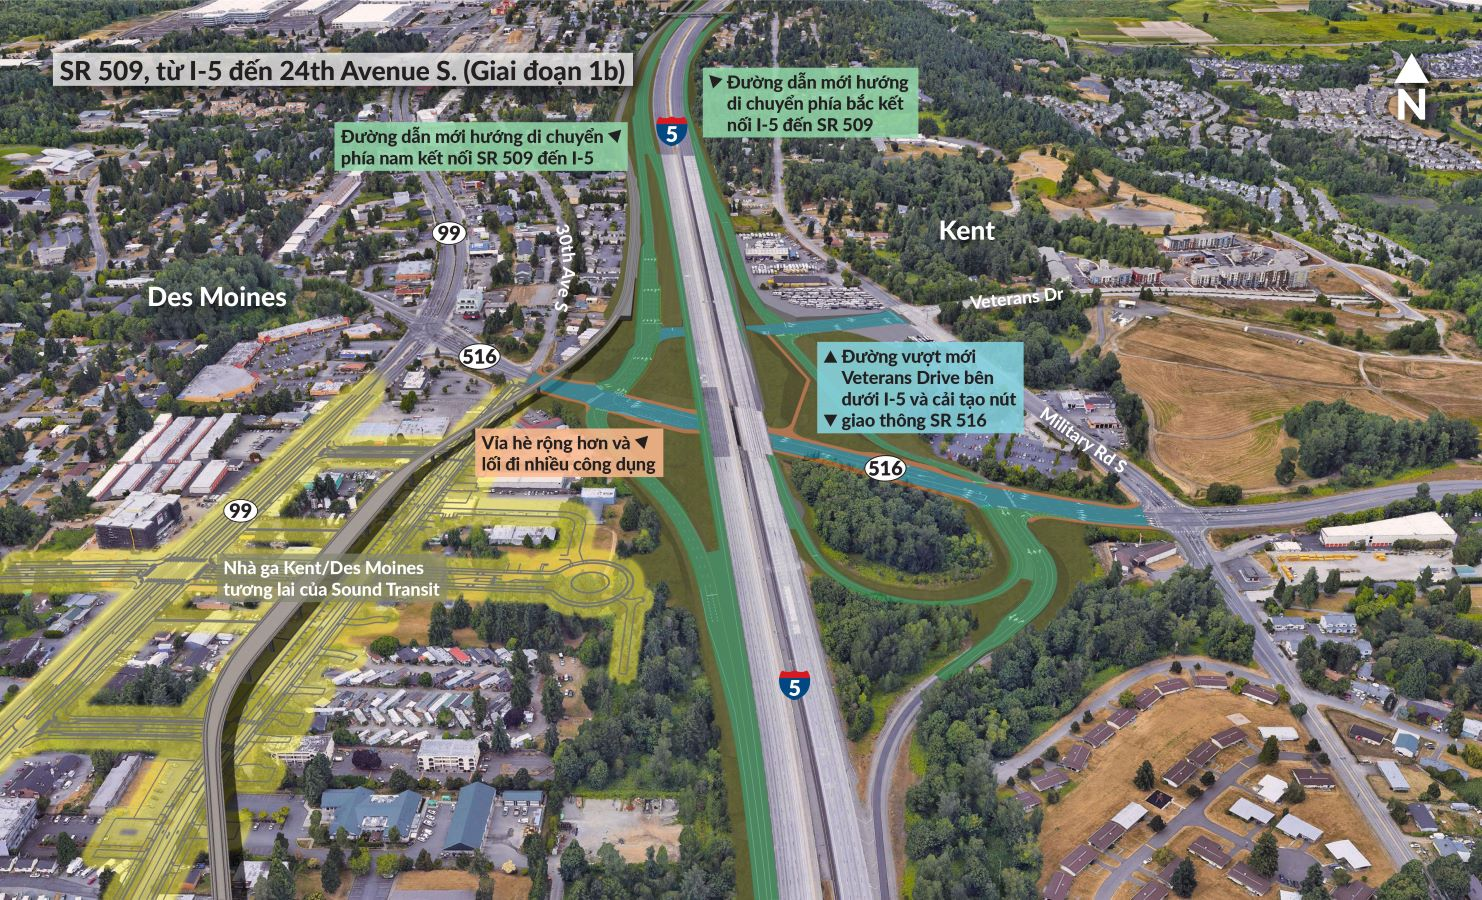 Nút giao thông SR 516 được tái thiết, cùng các đường dẫn mới sẽ cung cấp thêm kết nối giữa SR 509 và I-5